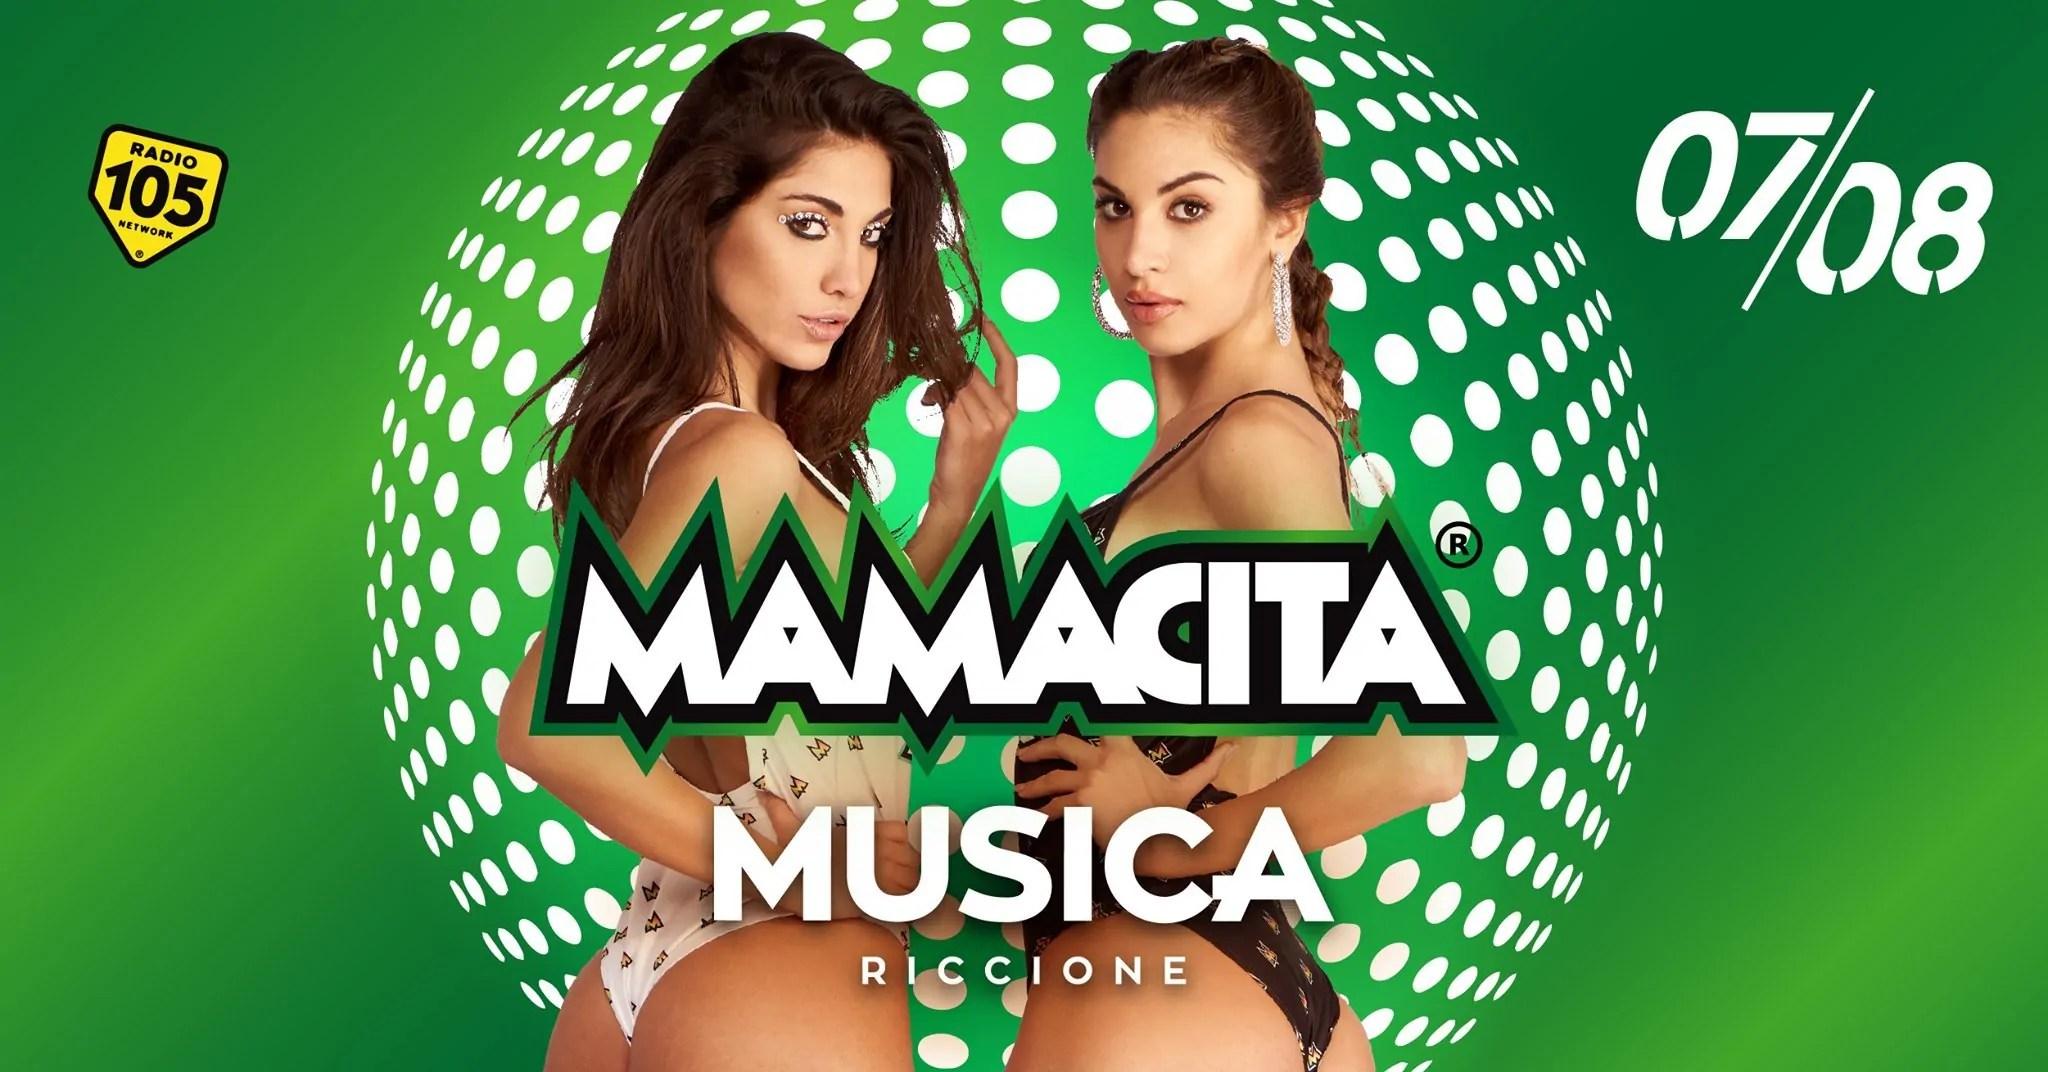 Mamacita Musica Riccione Notte Rosa 07 Agosto 2020